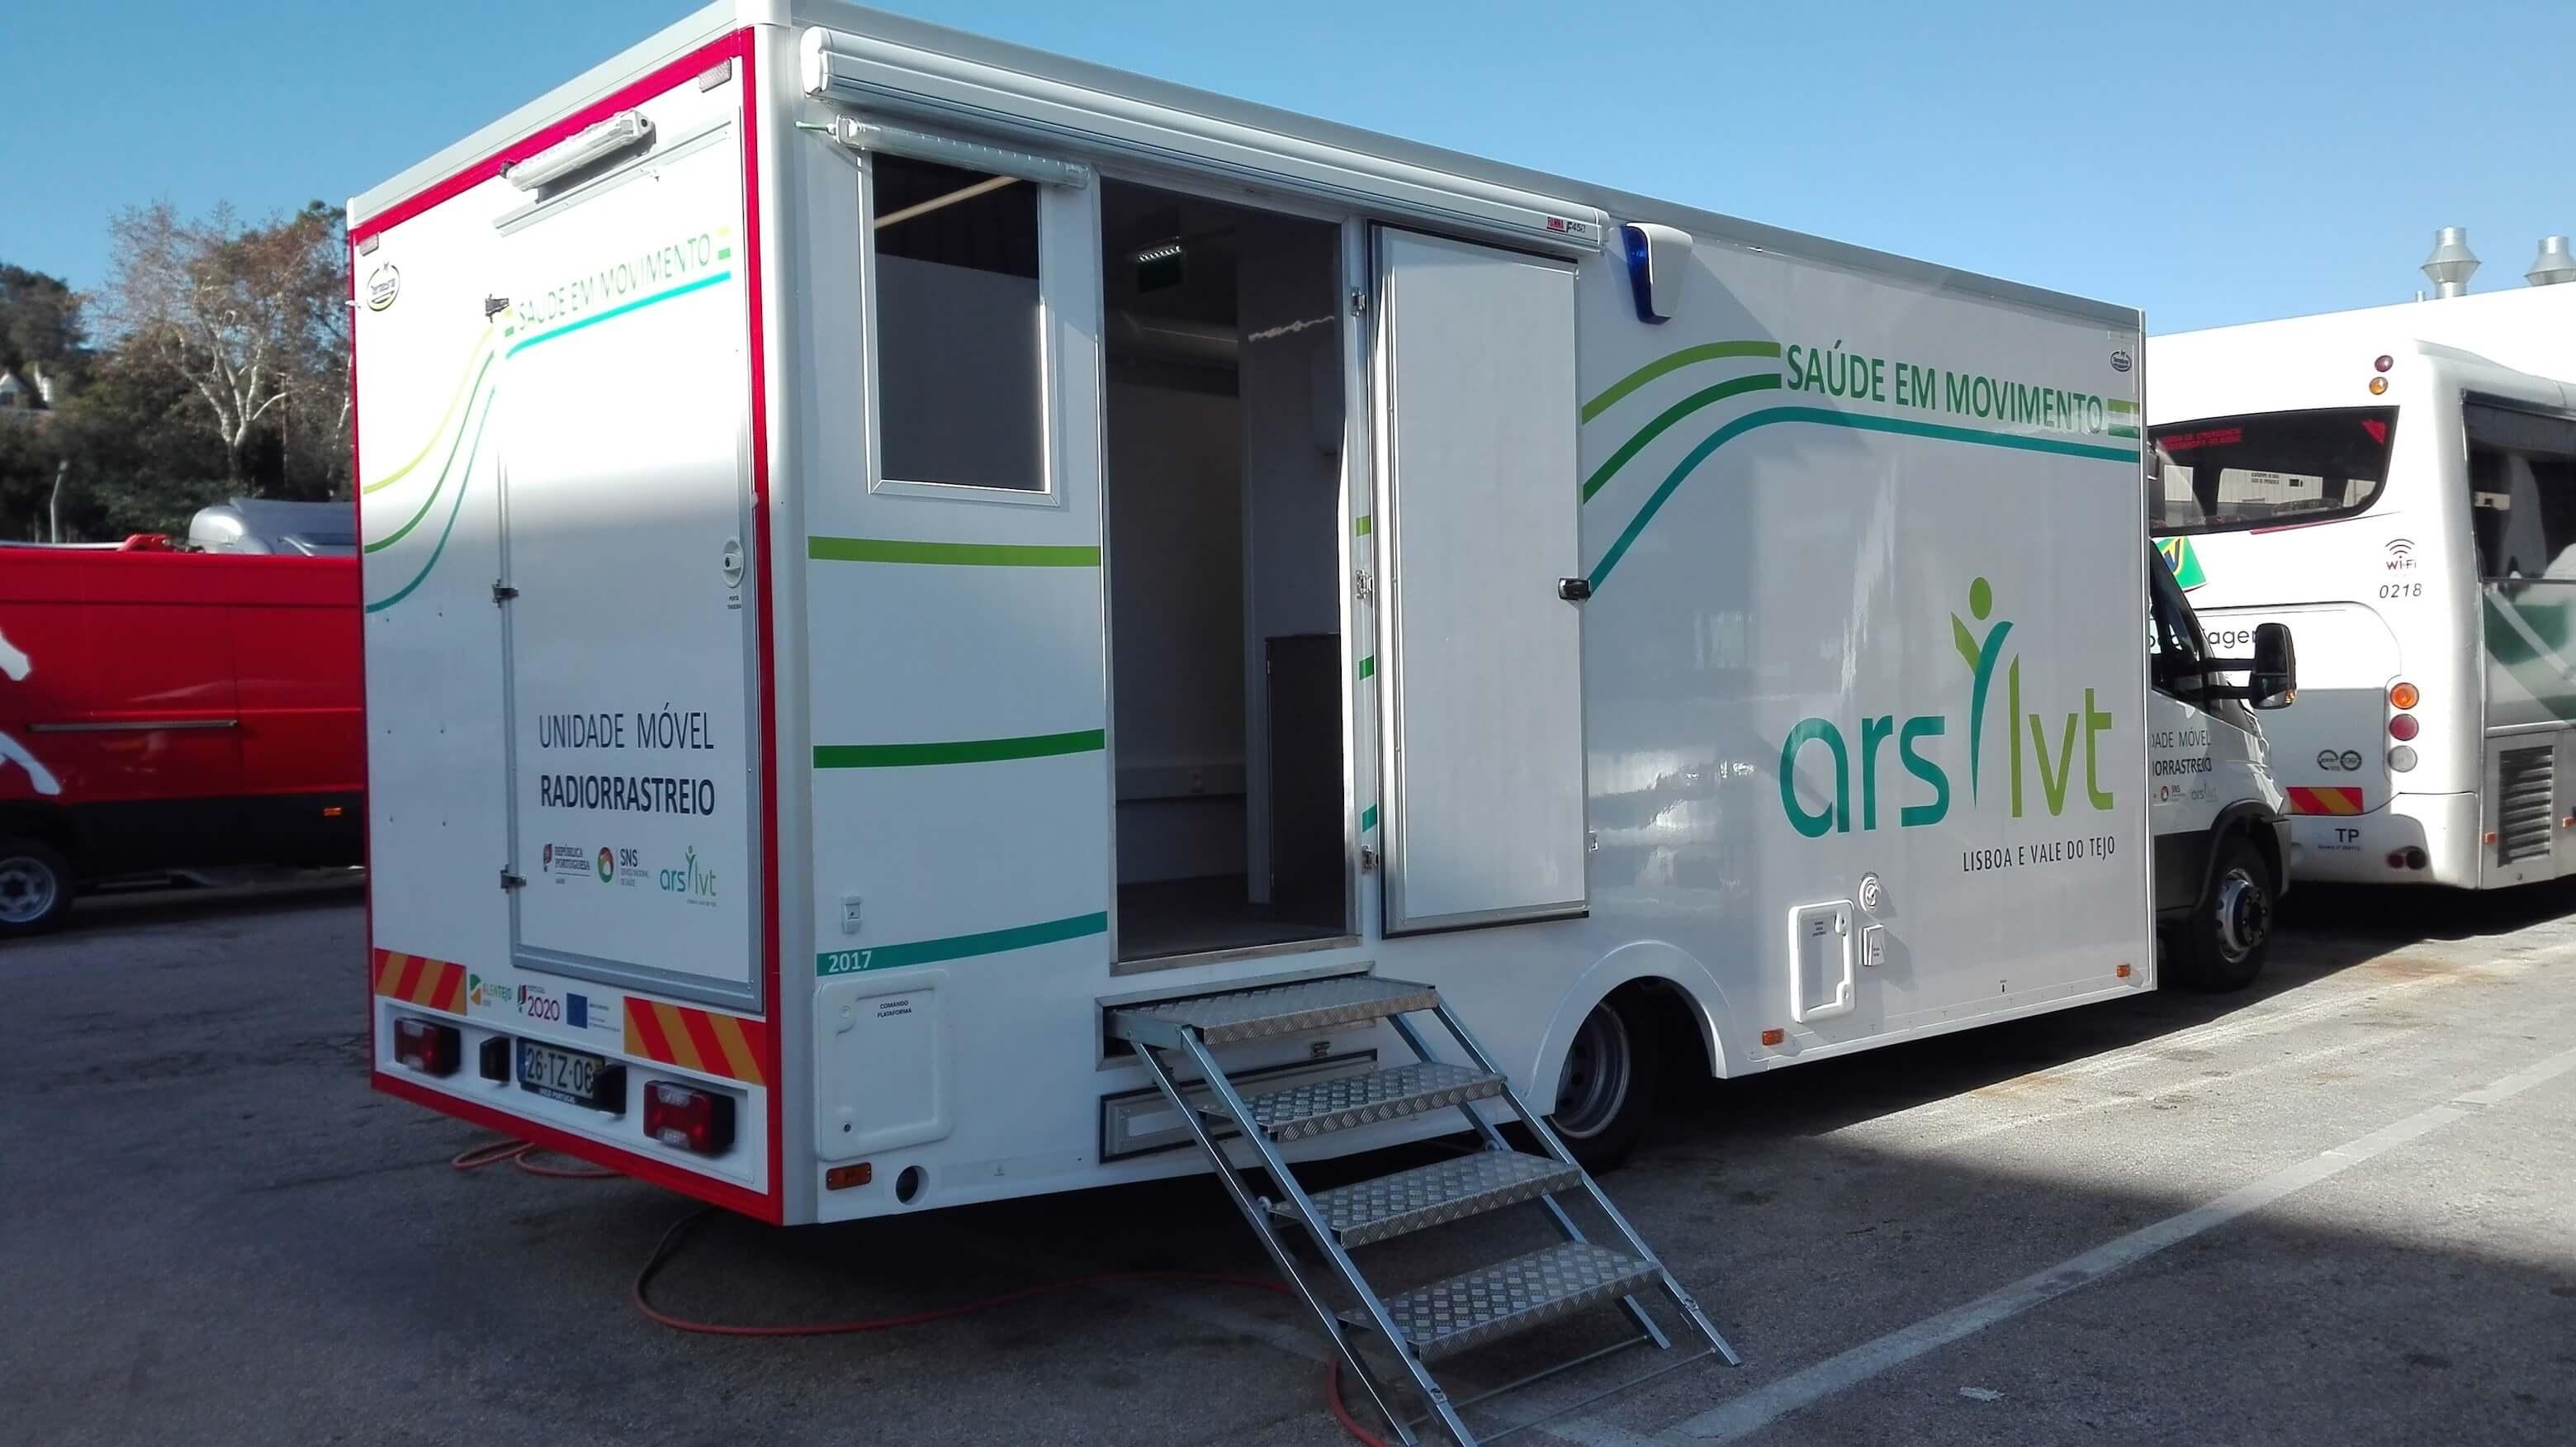 Inauguração UMR, uma instalação Micromil unidade móvel de radiorrastreio Unidade Móvel de Radiorrastreio, instalada pela Micromil, inaugurada equipamento rx em unidade movel ars lvt